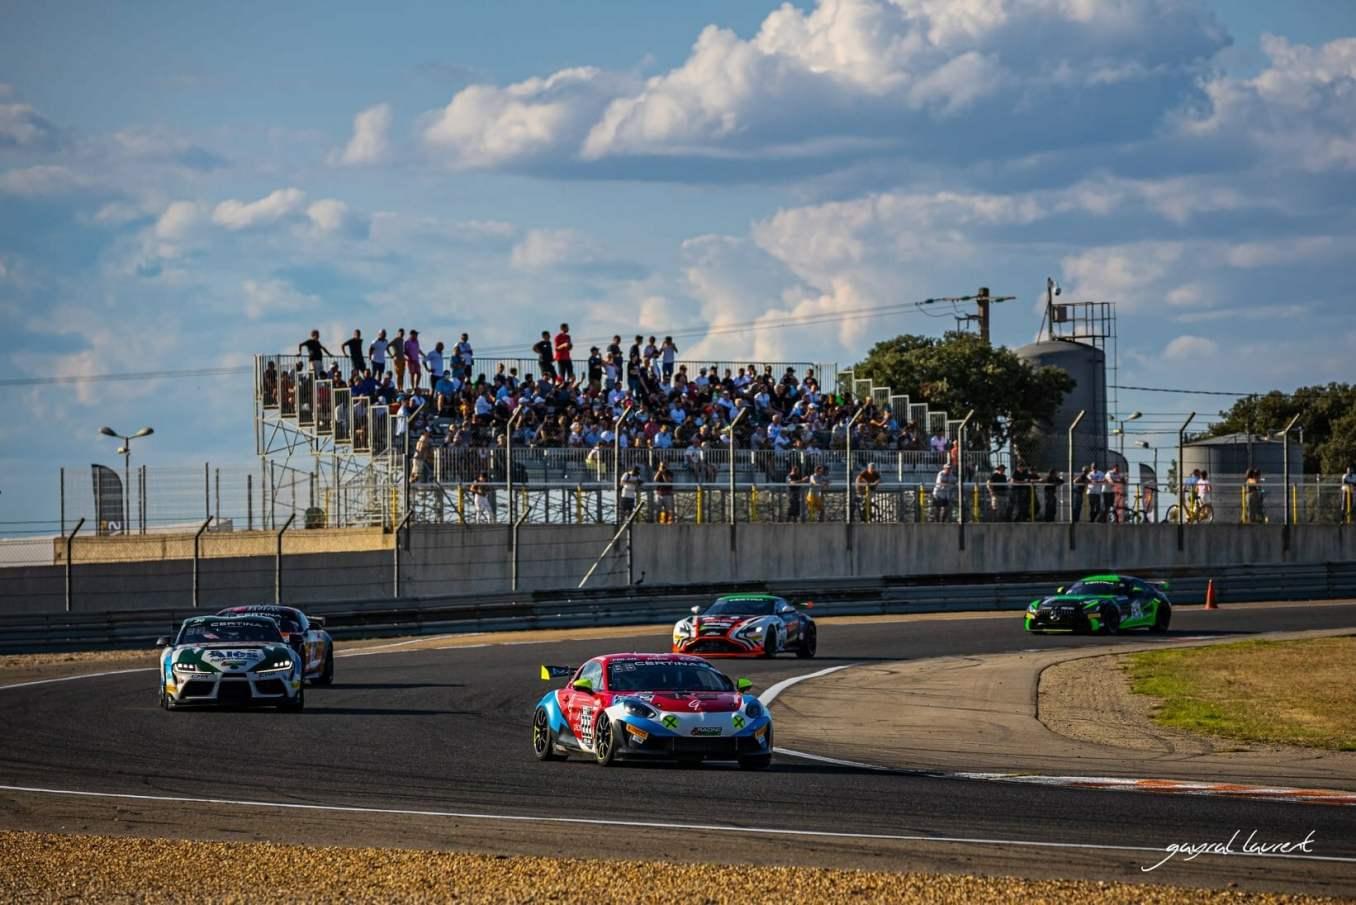 FFSA GT4 Alpine A110 Prost Redele Servol Ledenon 2021 16 | FFSA GT : Les duos Rédélé - Coubard et Ferté - Demoustier en P2 dans leurs catégories respectives à Lédenon